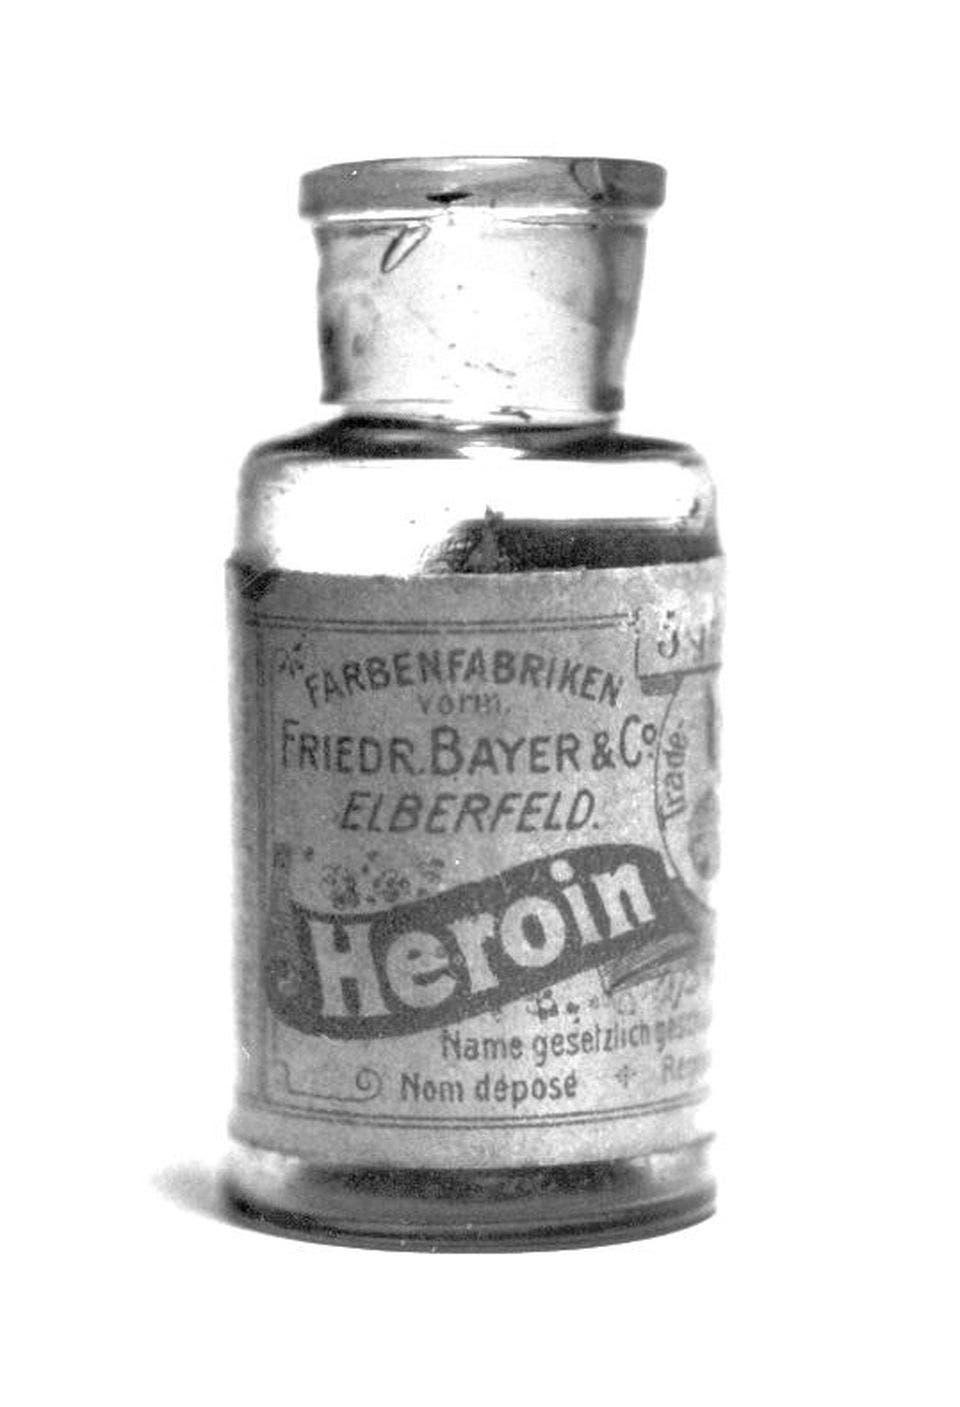 صورة لزجاجة شراب الهيروين لمؤسسة باير الألمانية